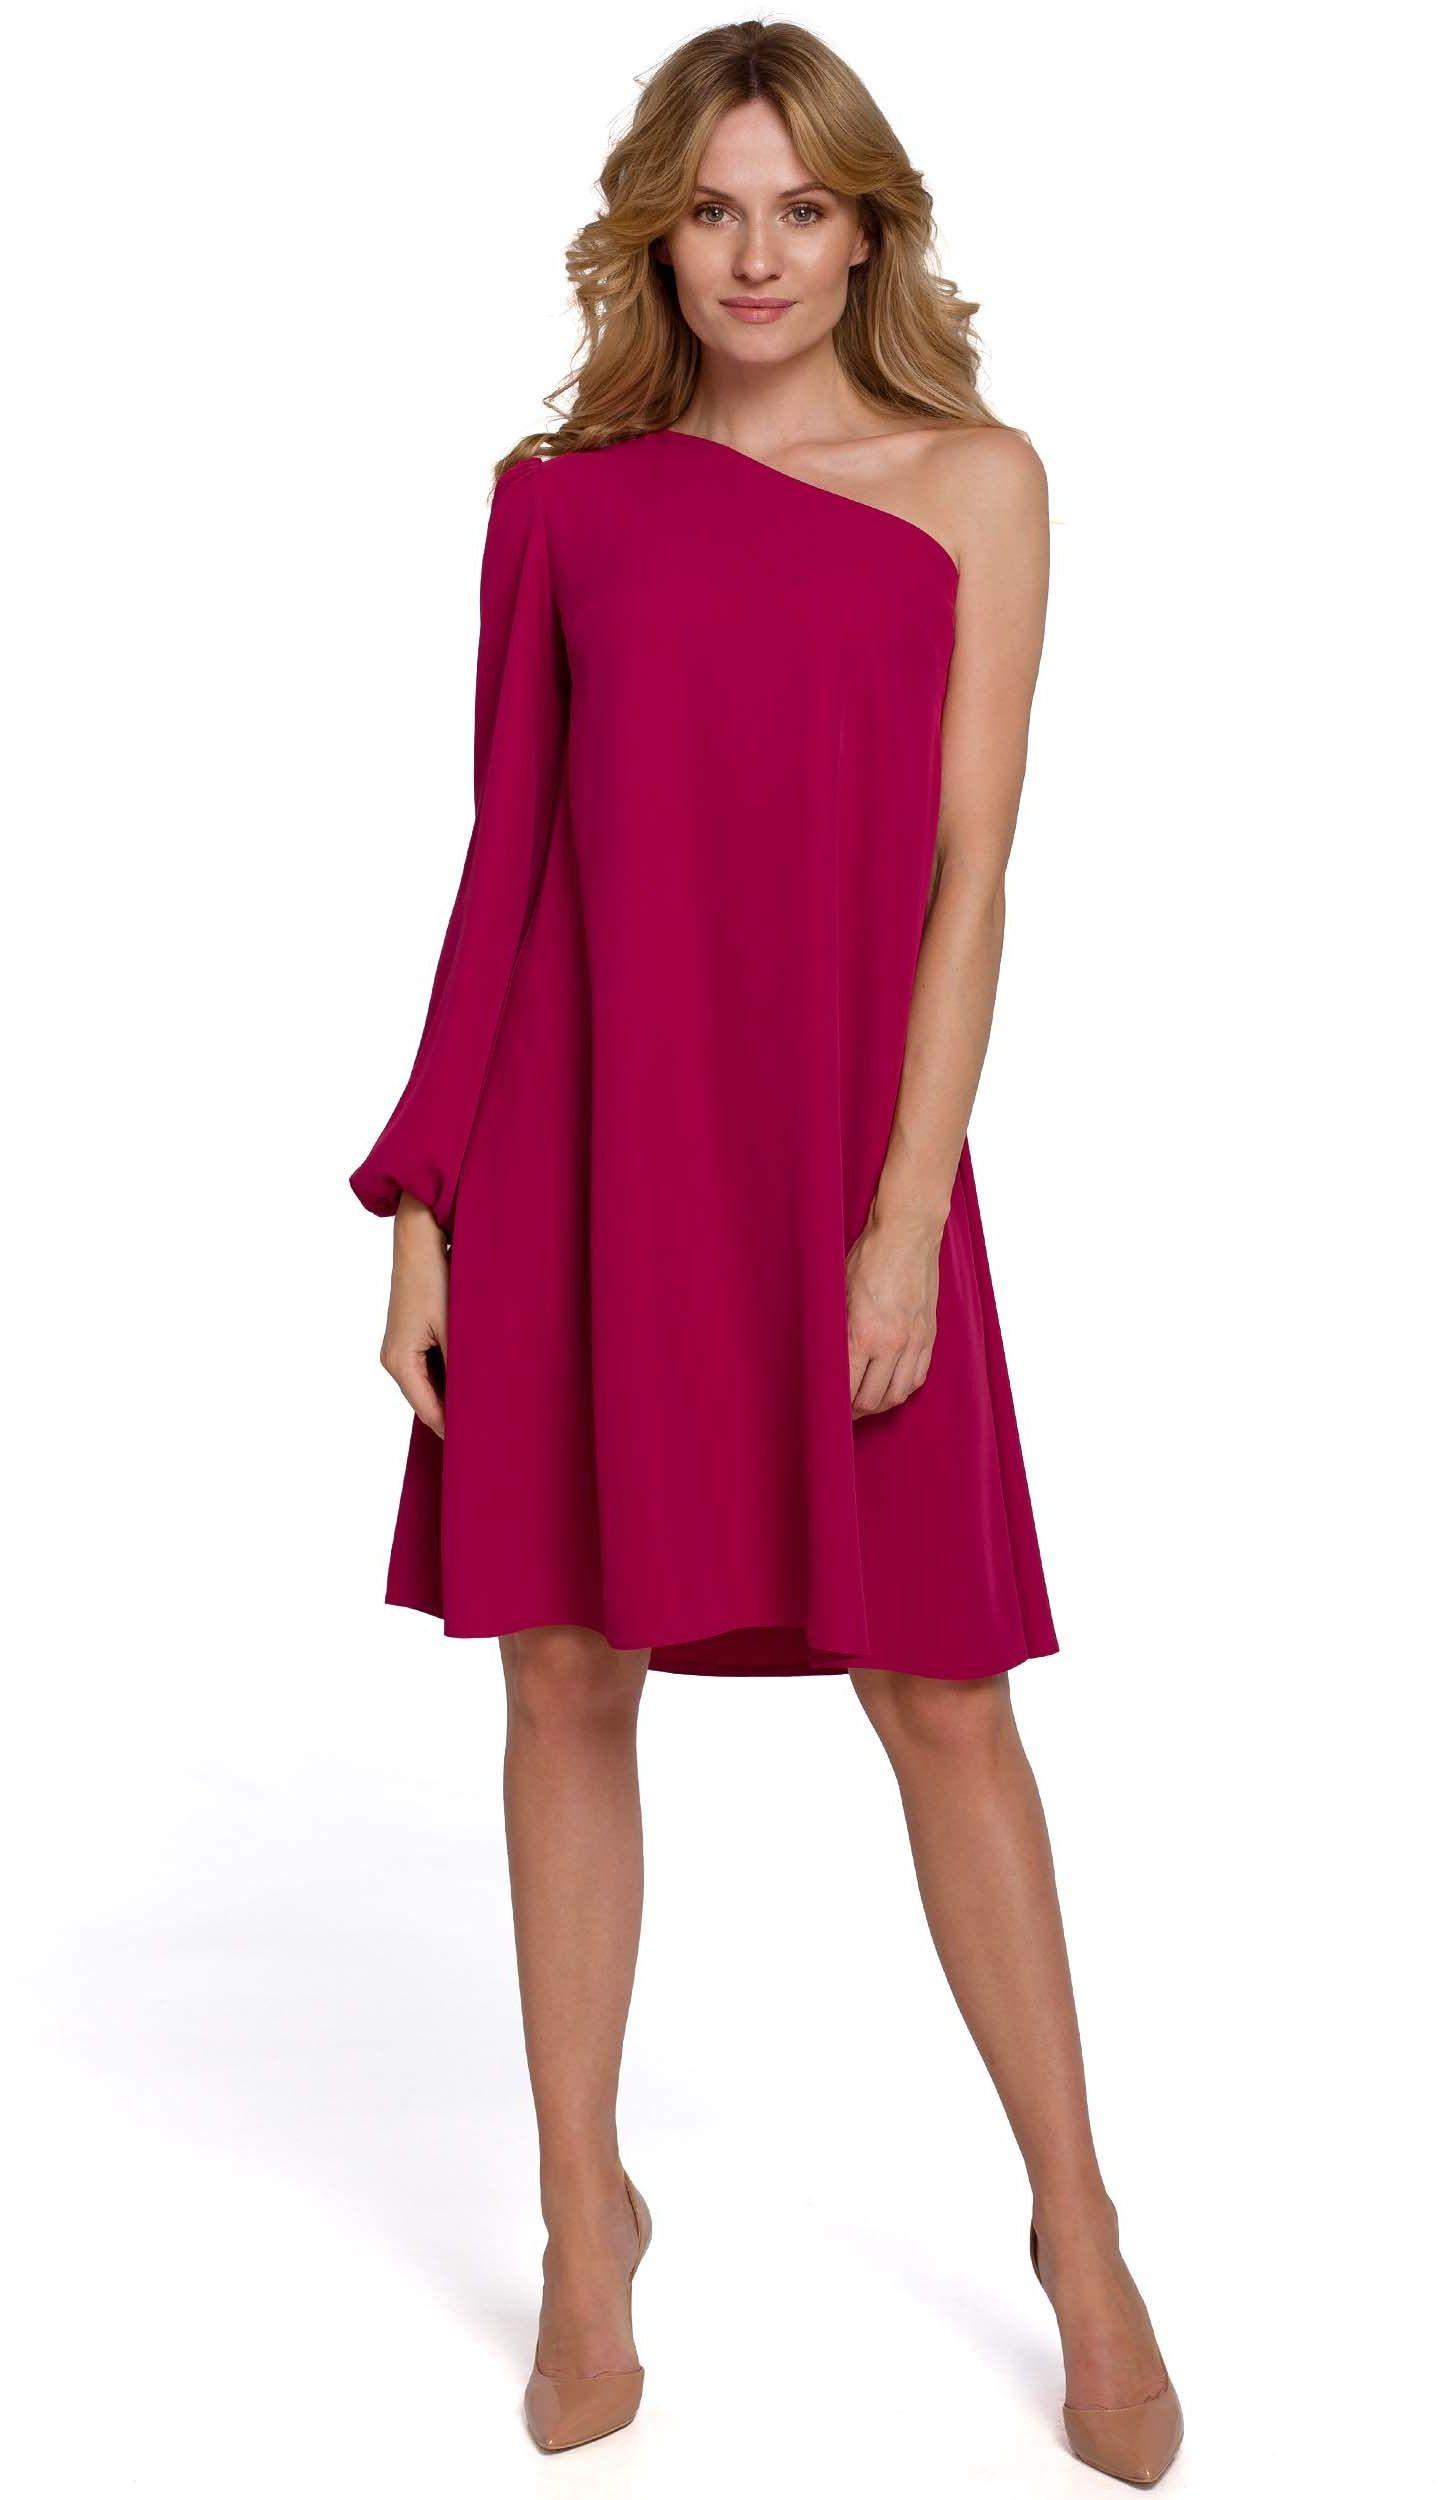 Luźna sukienka na jedno ramię - śliwkowa